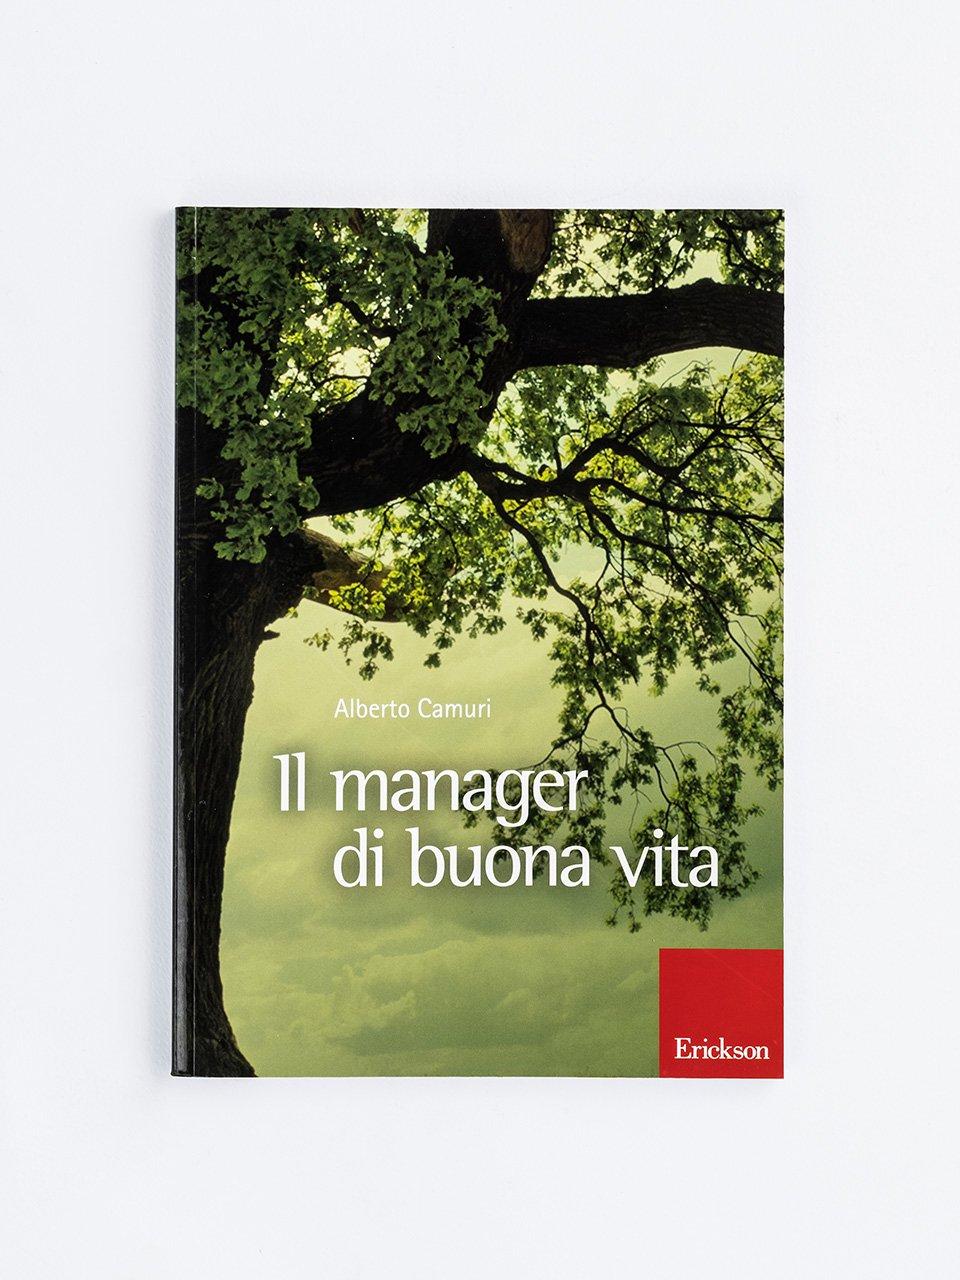 Il manager di buona vita - Servizi sociali/educativi/sanitari - Erickson